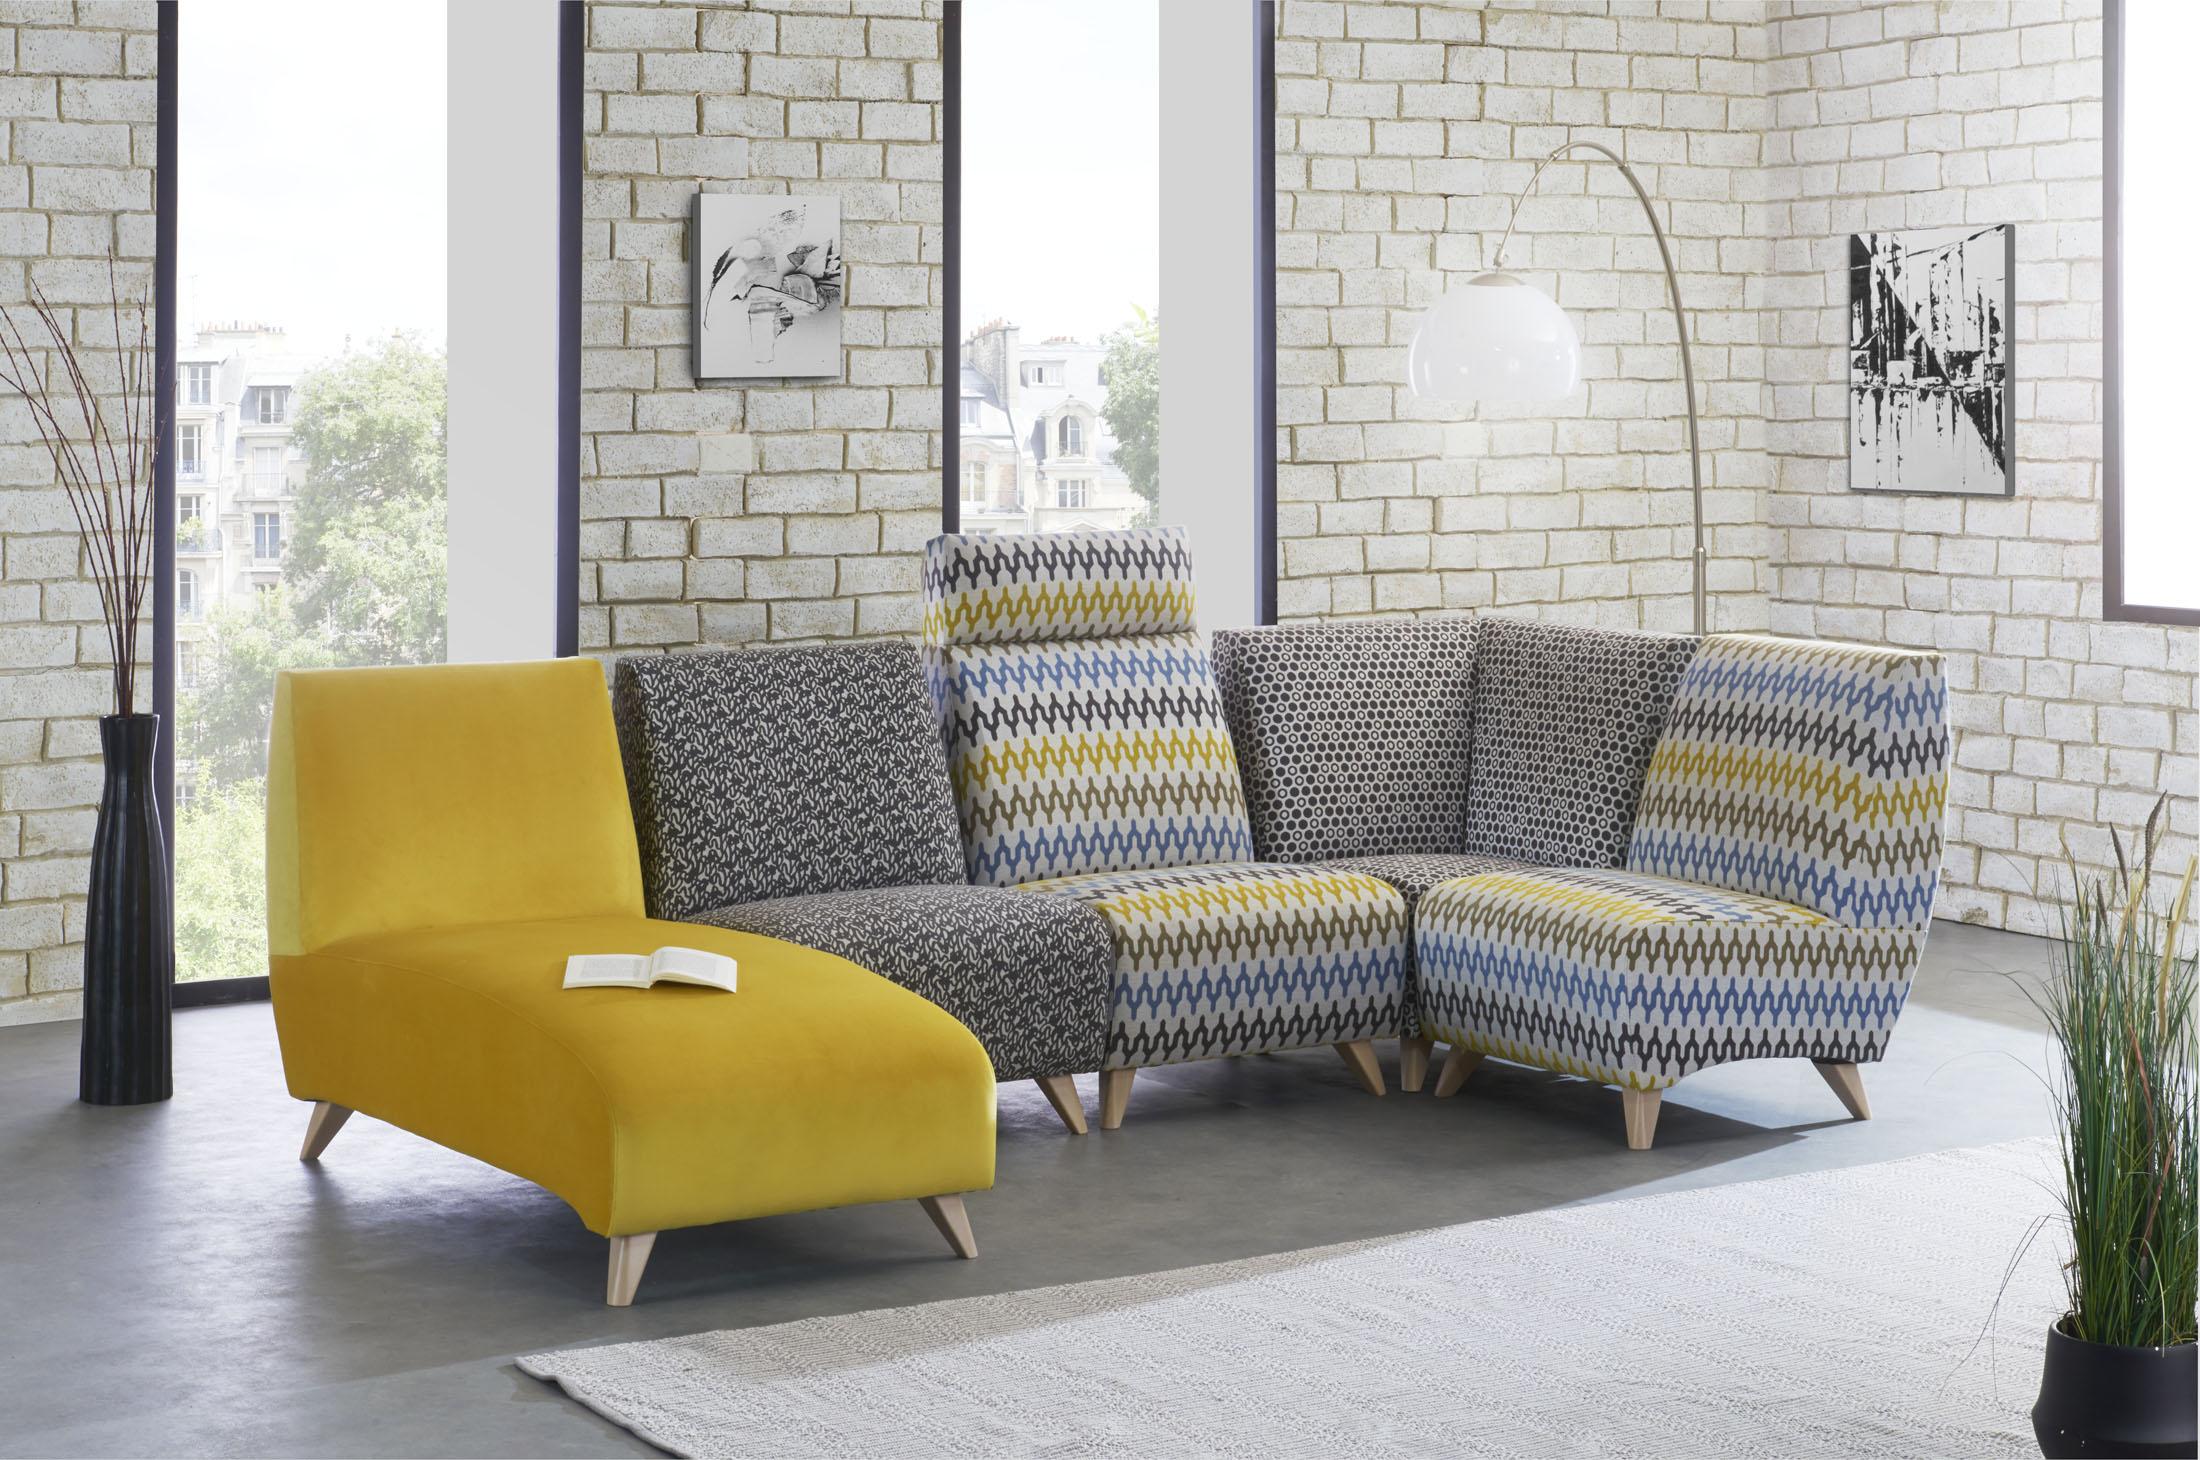 Ambiance en décor studio d'un canapé